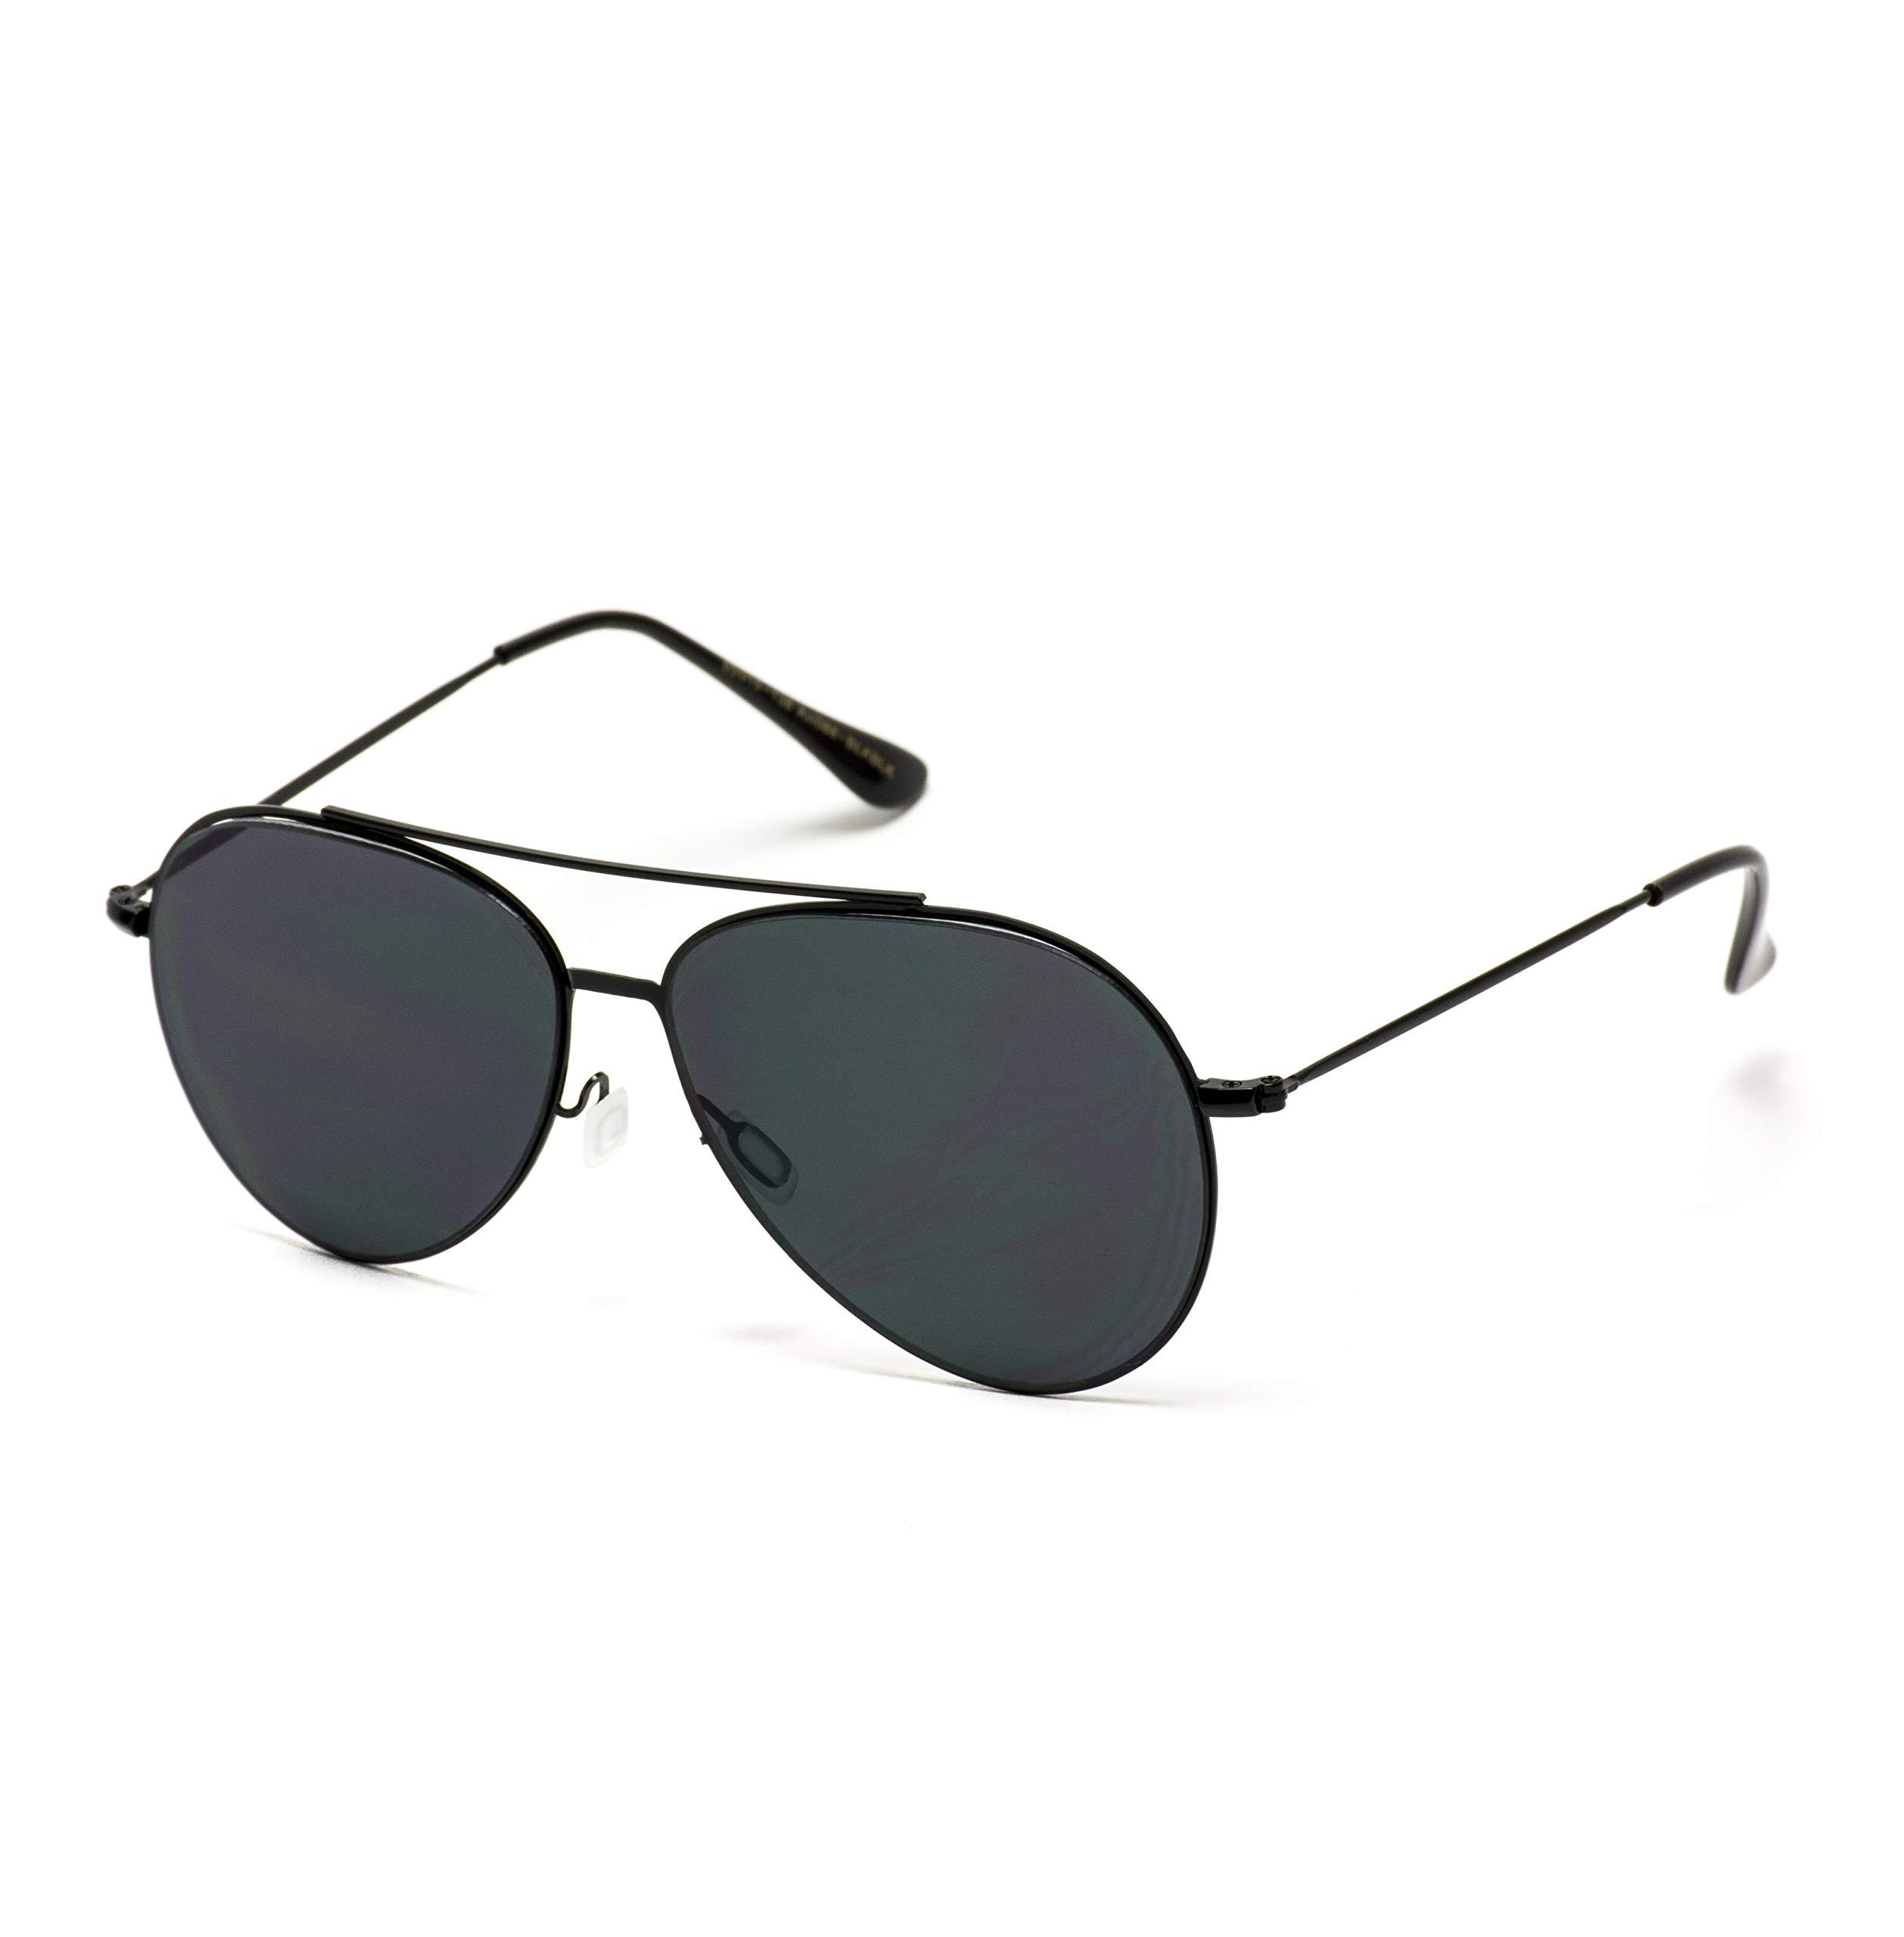 WearMe Pro - Modern Metal Frame Aviator Sunglasses by WearMe Pro